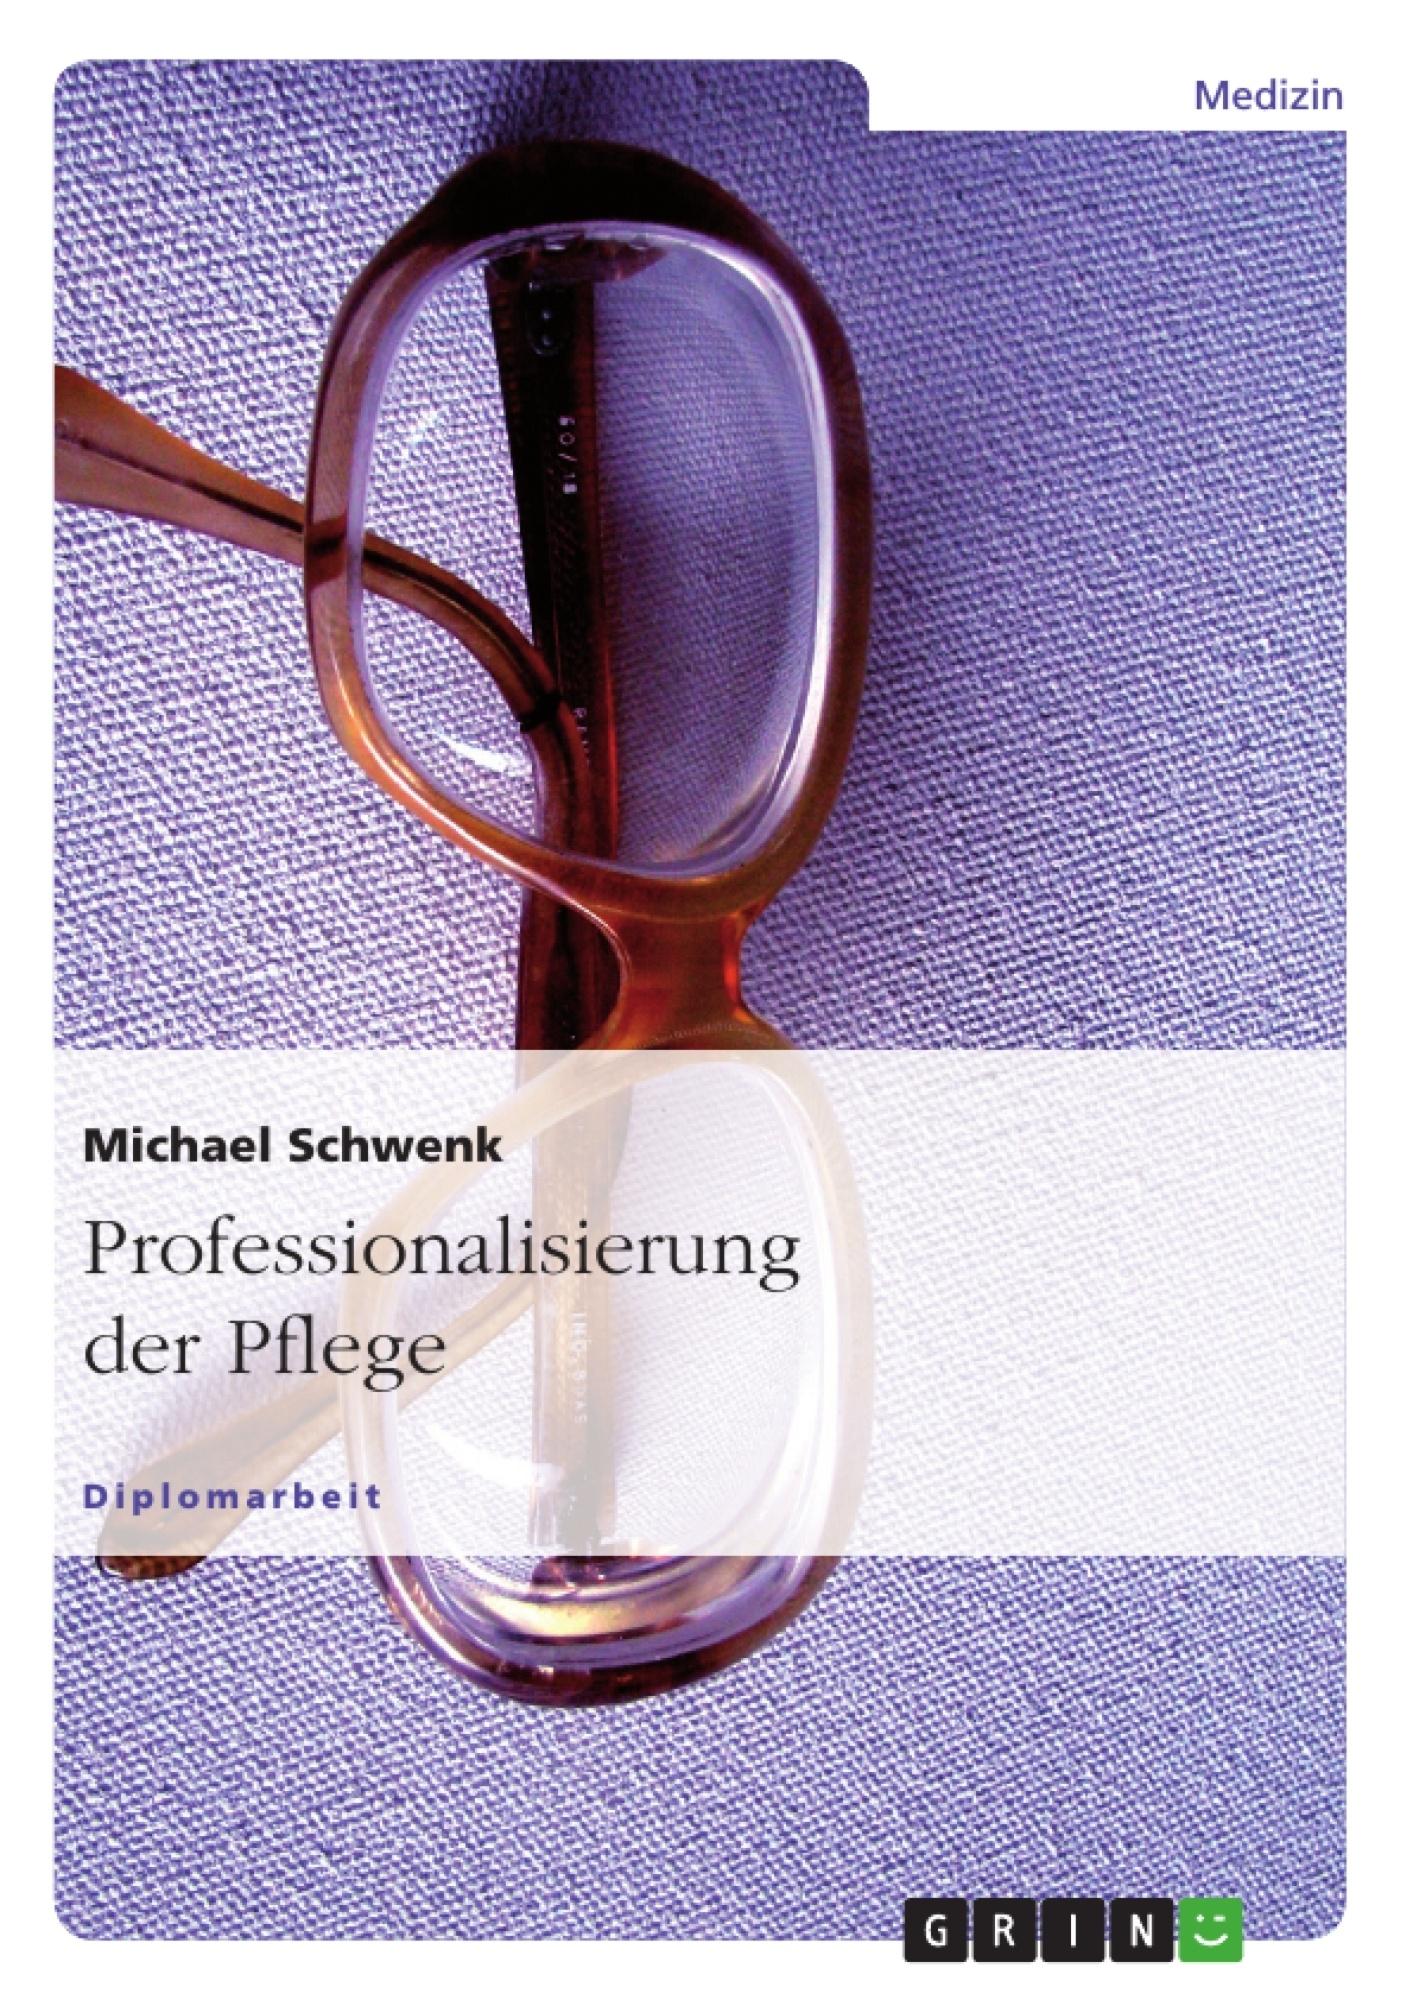 Professionalisierung der Pflege | Masterarbeit, Hausarbeit ...